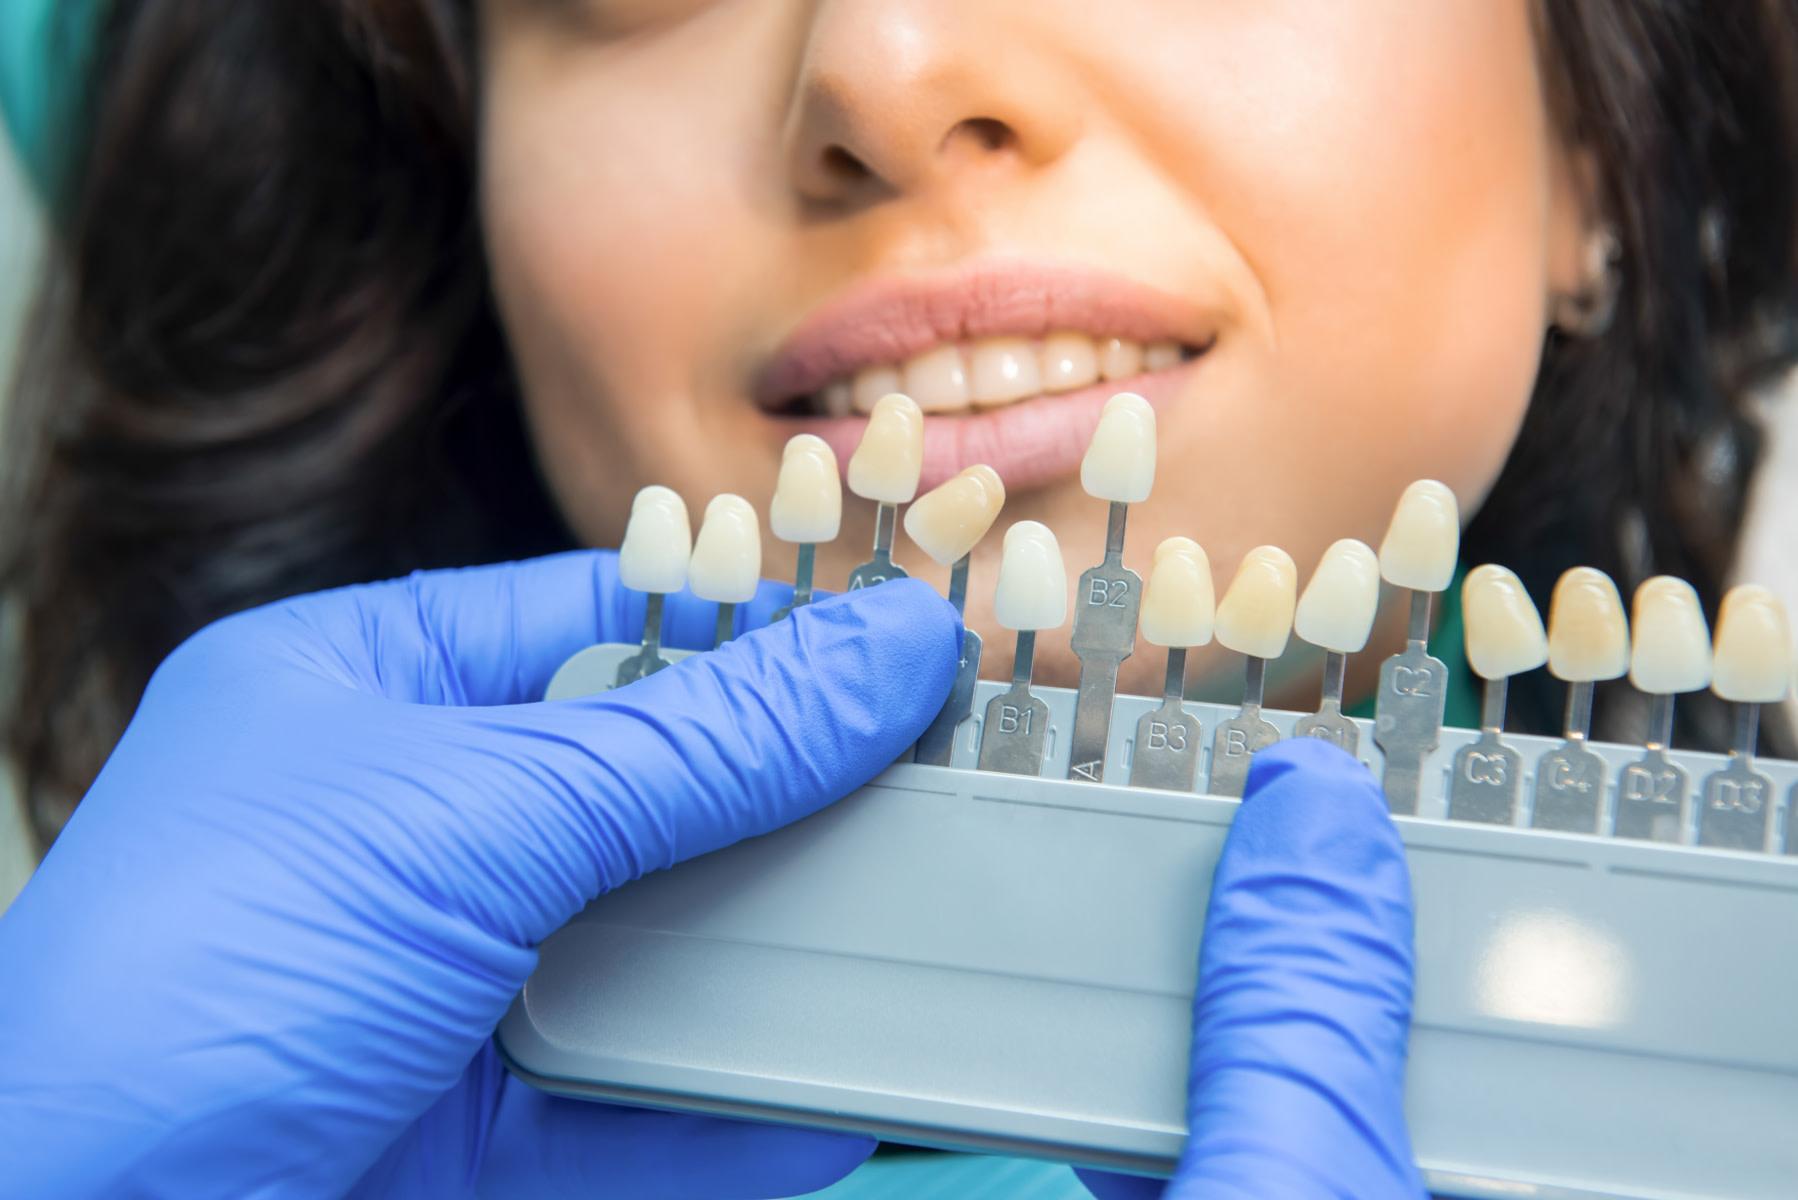 Eine Farbreihe hilft beim Bestimmen der Zahnfarbe - © DenisProduction.com stock.adobe.com